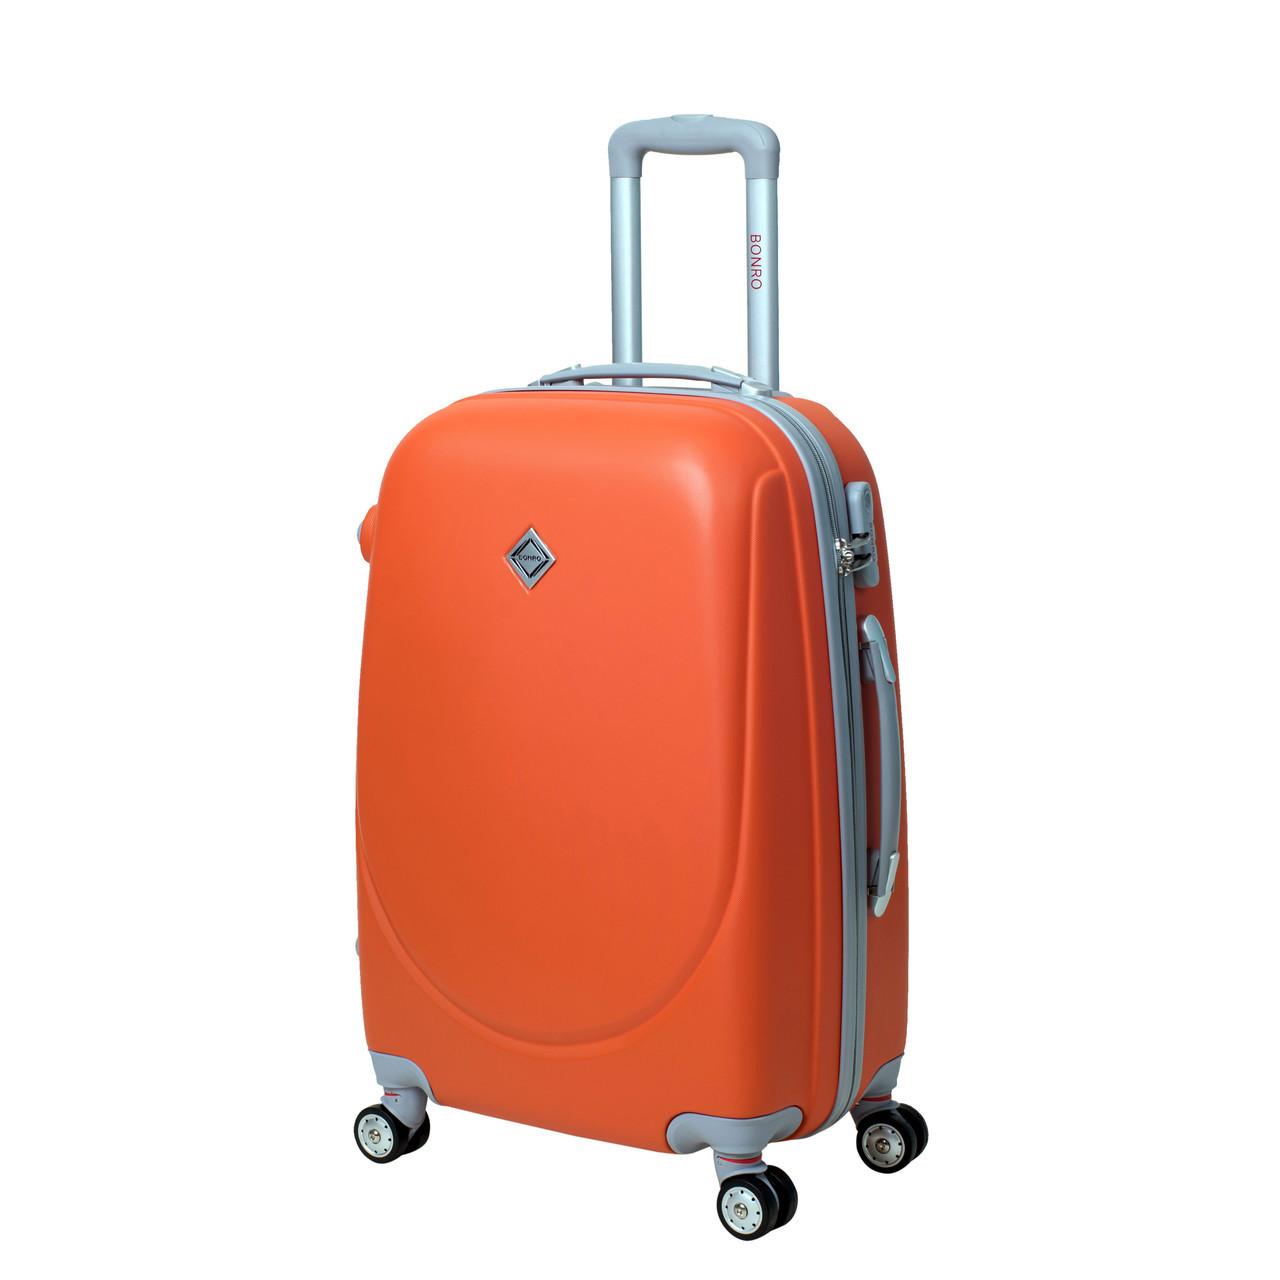 Чемодан Bonro Smile с двойными колесами (большой) оранжевый (38)